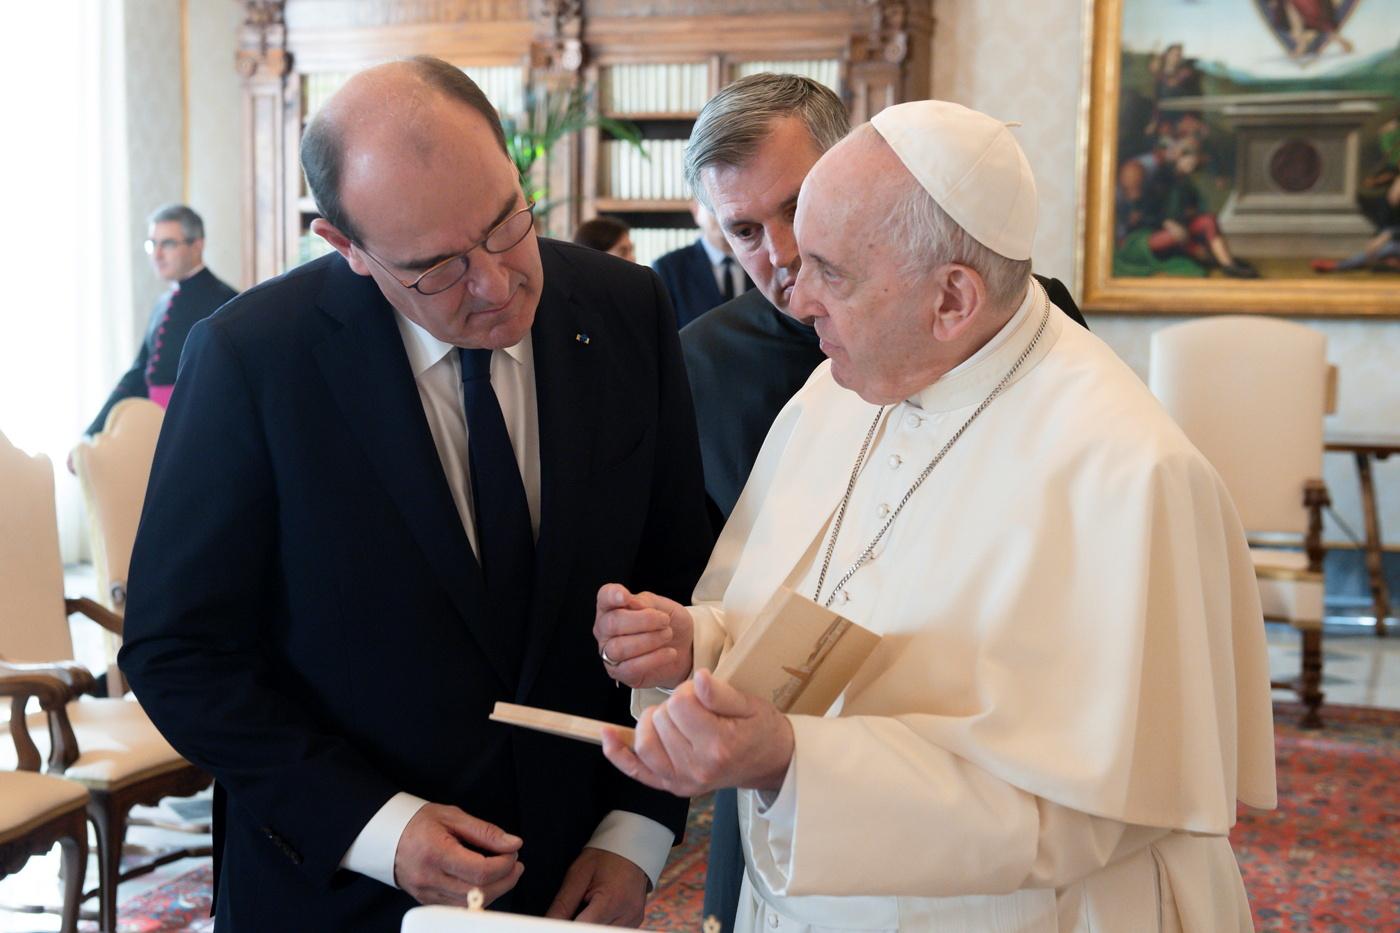 البابا فرنسيس يلتقي رئيس الوزراء الفرنسي بعد تقرير عن اعتداءات جنسية في الكنيسة الكاثوليكية الفرنسية